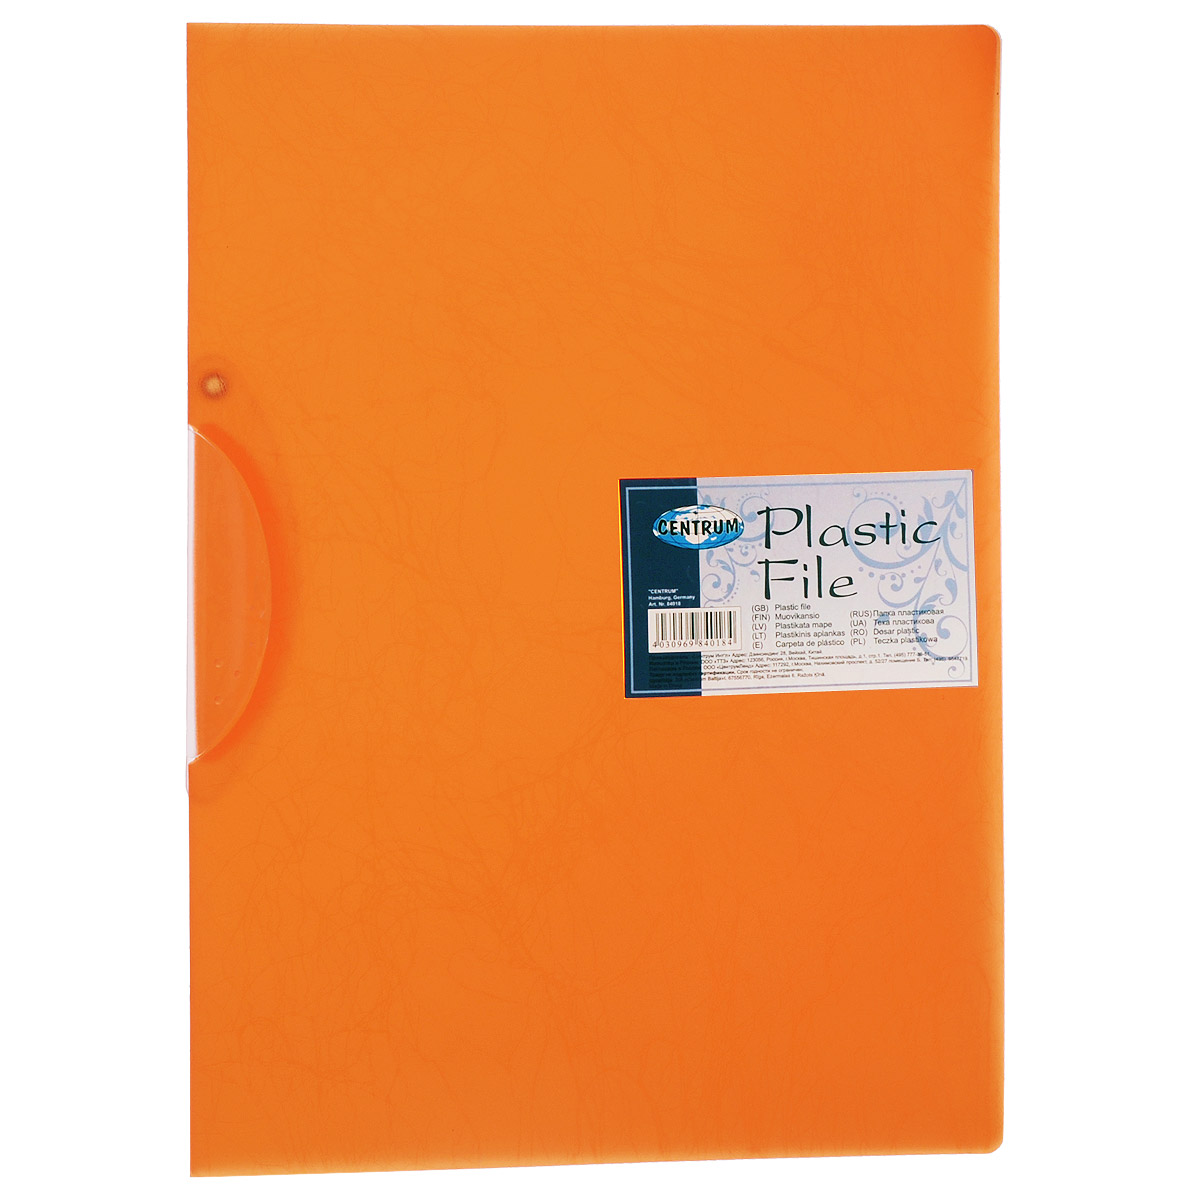 Папка с клипом Centrum, цвет: оранжевый. Формат А434829Папка с клипом Centrum станет вашим верным помощником дома и в офисе. Это удобный и функциональный инструмент, предназначенный для хранения и транспортировки рабочих бумаг и документов формата А4.Папка изготовлена из прочного высококачественного пластика толщиной, оснащена боковым поворотным клипом, позволяющим фиксировать неперфорированные листы. Уголки имеют закругленную форму, что предотвращает их загибание и помогает надолго сохранить опрятный вид обложки. Папка оформлена изящным тиснением под шелкографию.Папка - это незаменимый атрибут для любого студента, школьника или офисного работника. Такая папка надежно сохранит ваши бумаги и сбережет их от повреждений, пыли и влаги.